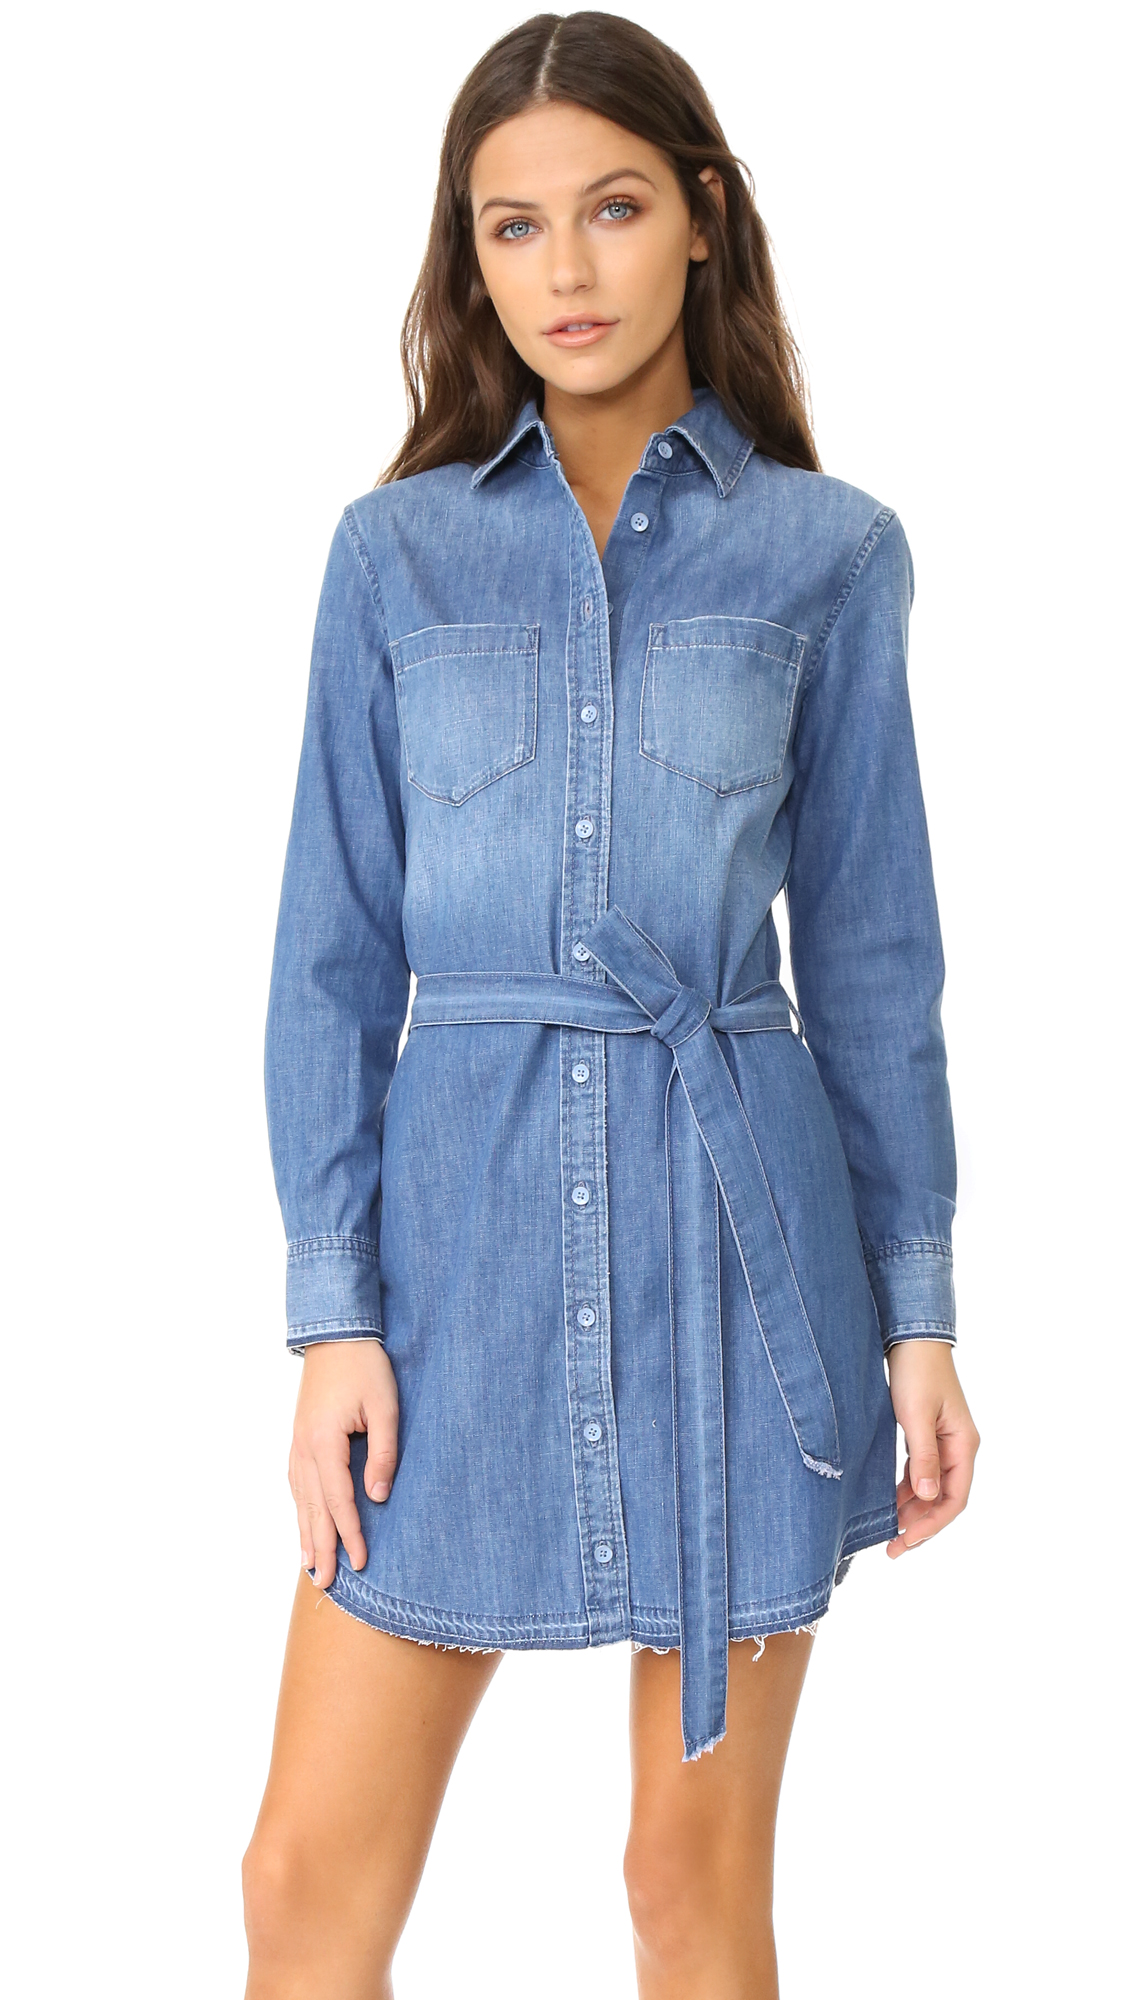 Ag Hartley Dress - Indigo Dawn at Shopbop